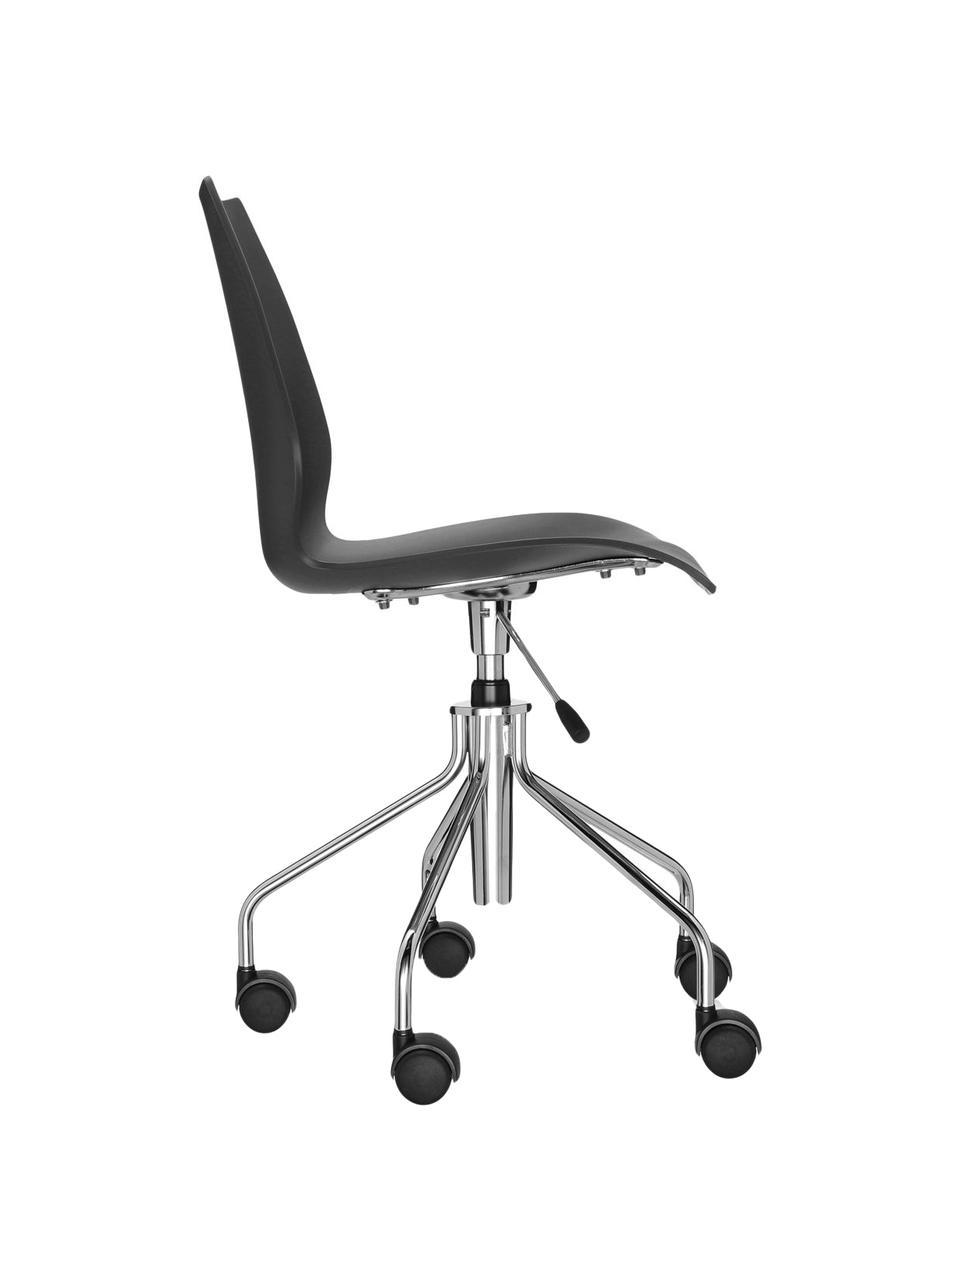 Biurowe krzesło obrotowe z regulacją wysokości Maui, Stelaż: stal, chromowany, Czarny, chrom, S 58 x G 52 cm